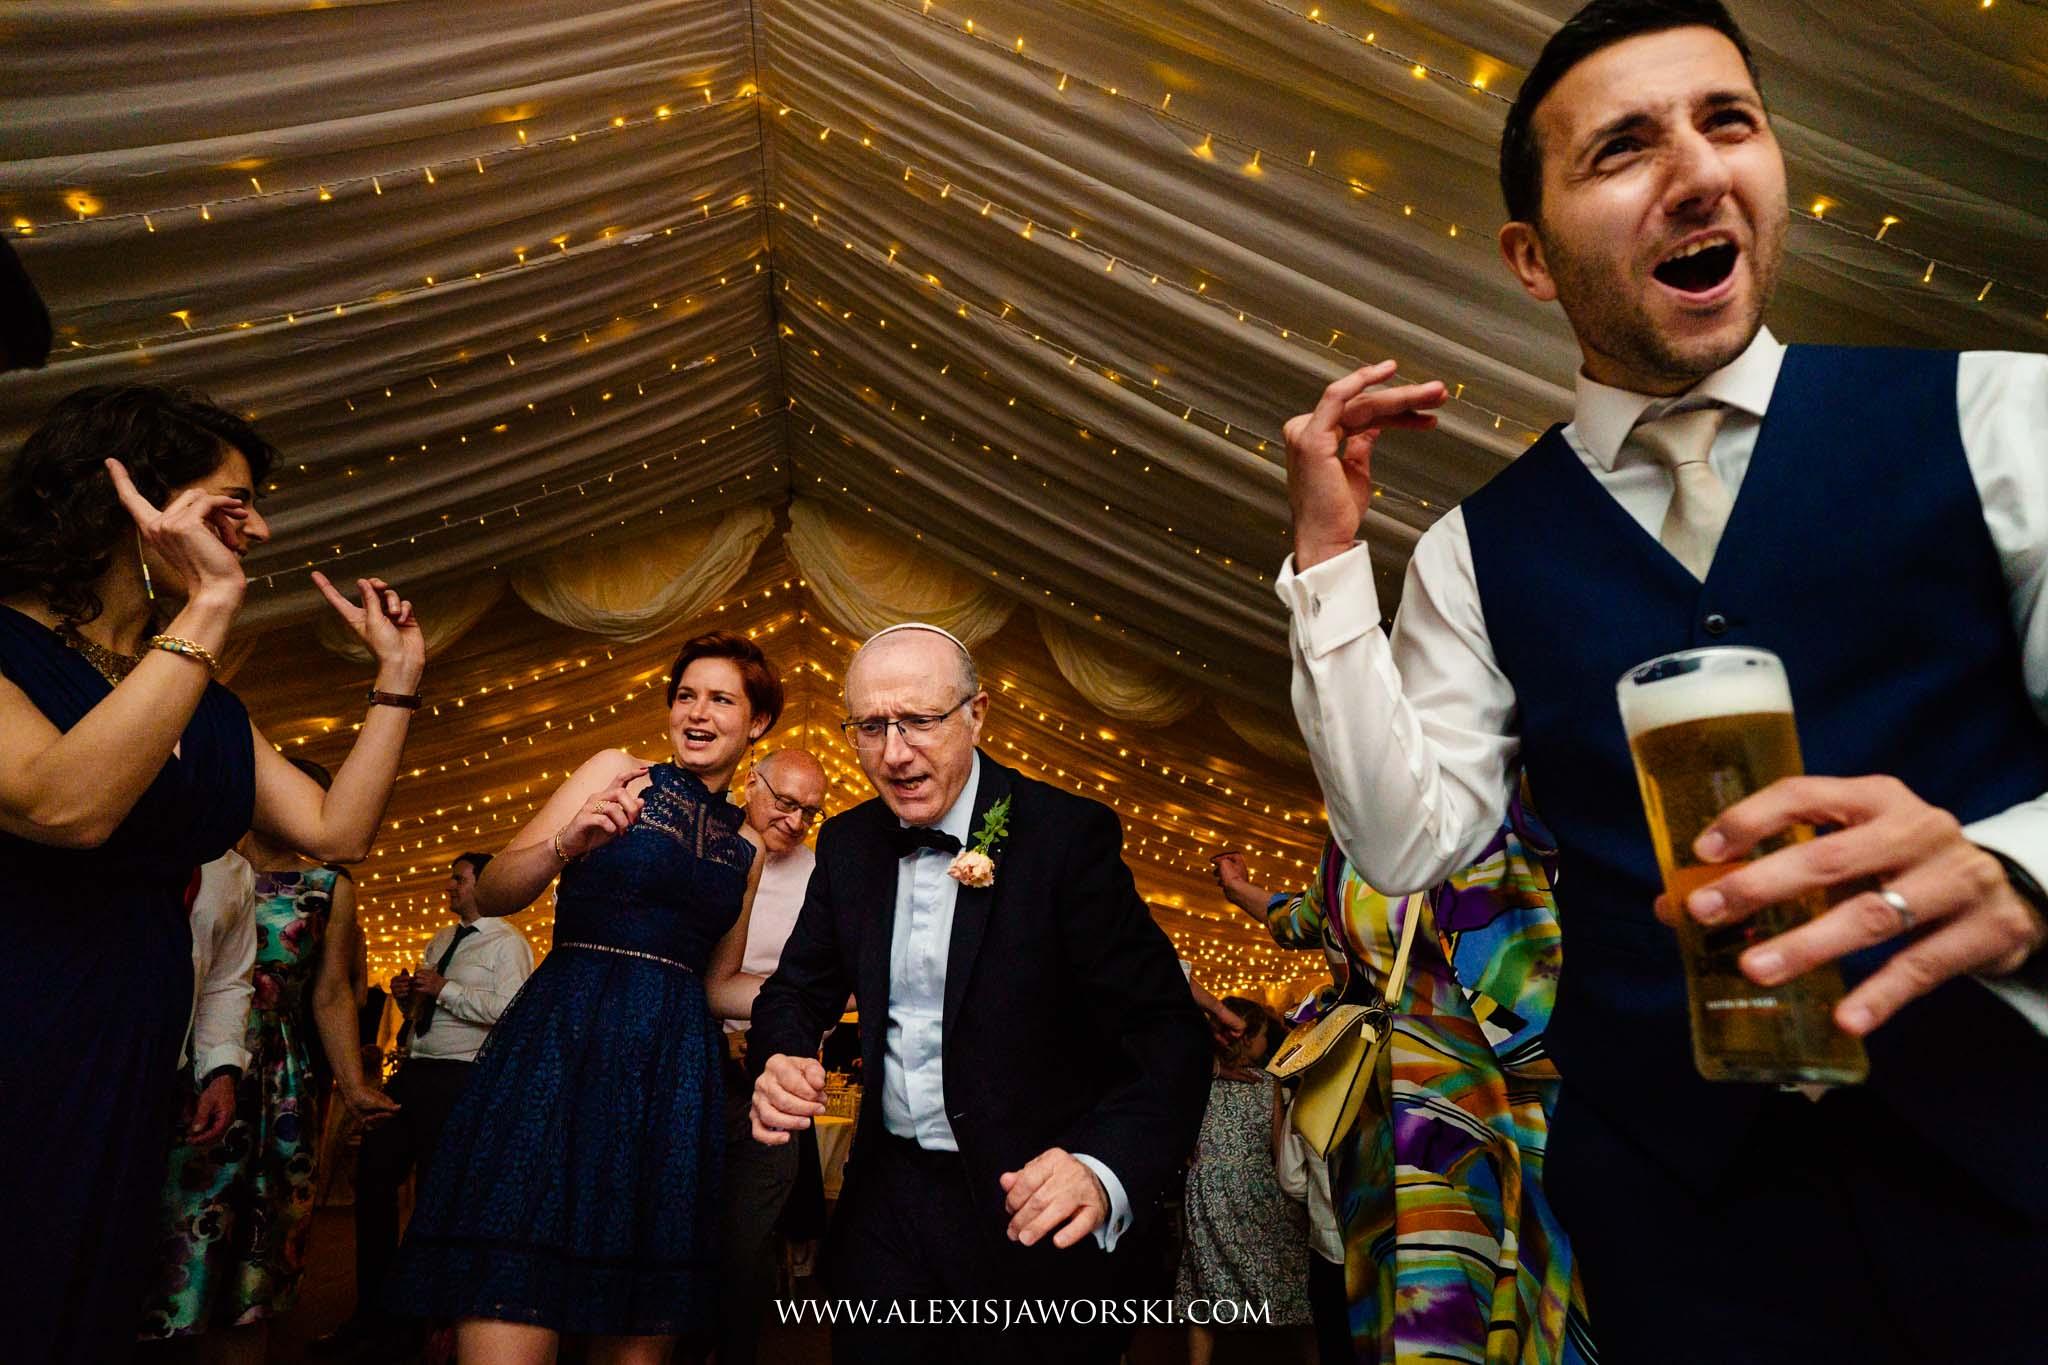 the wedding dancing